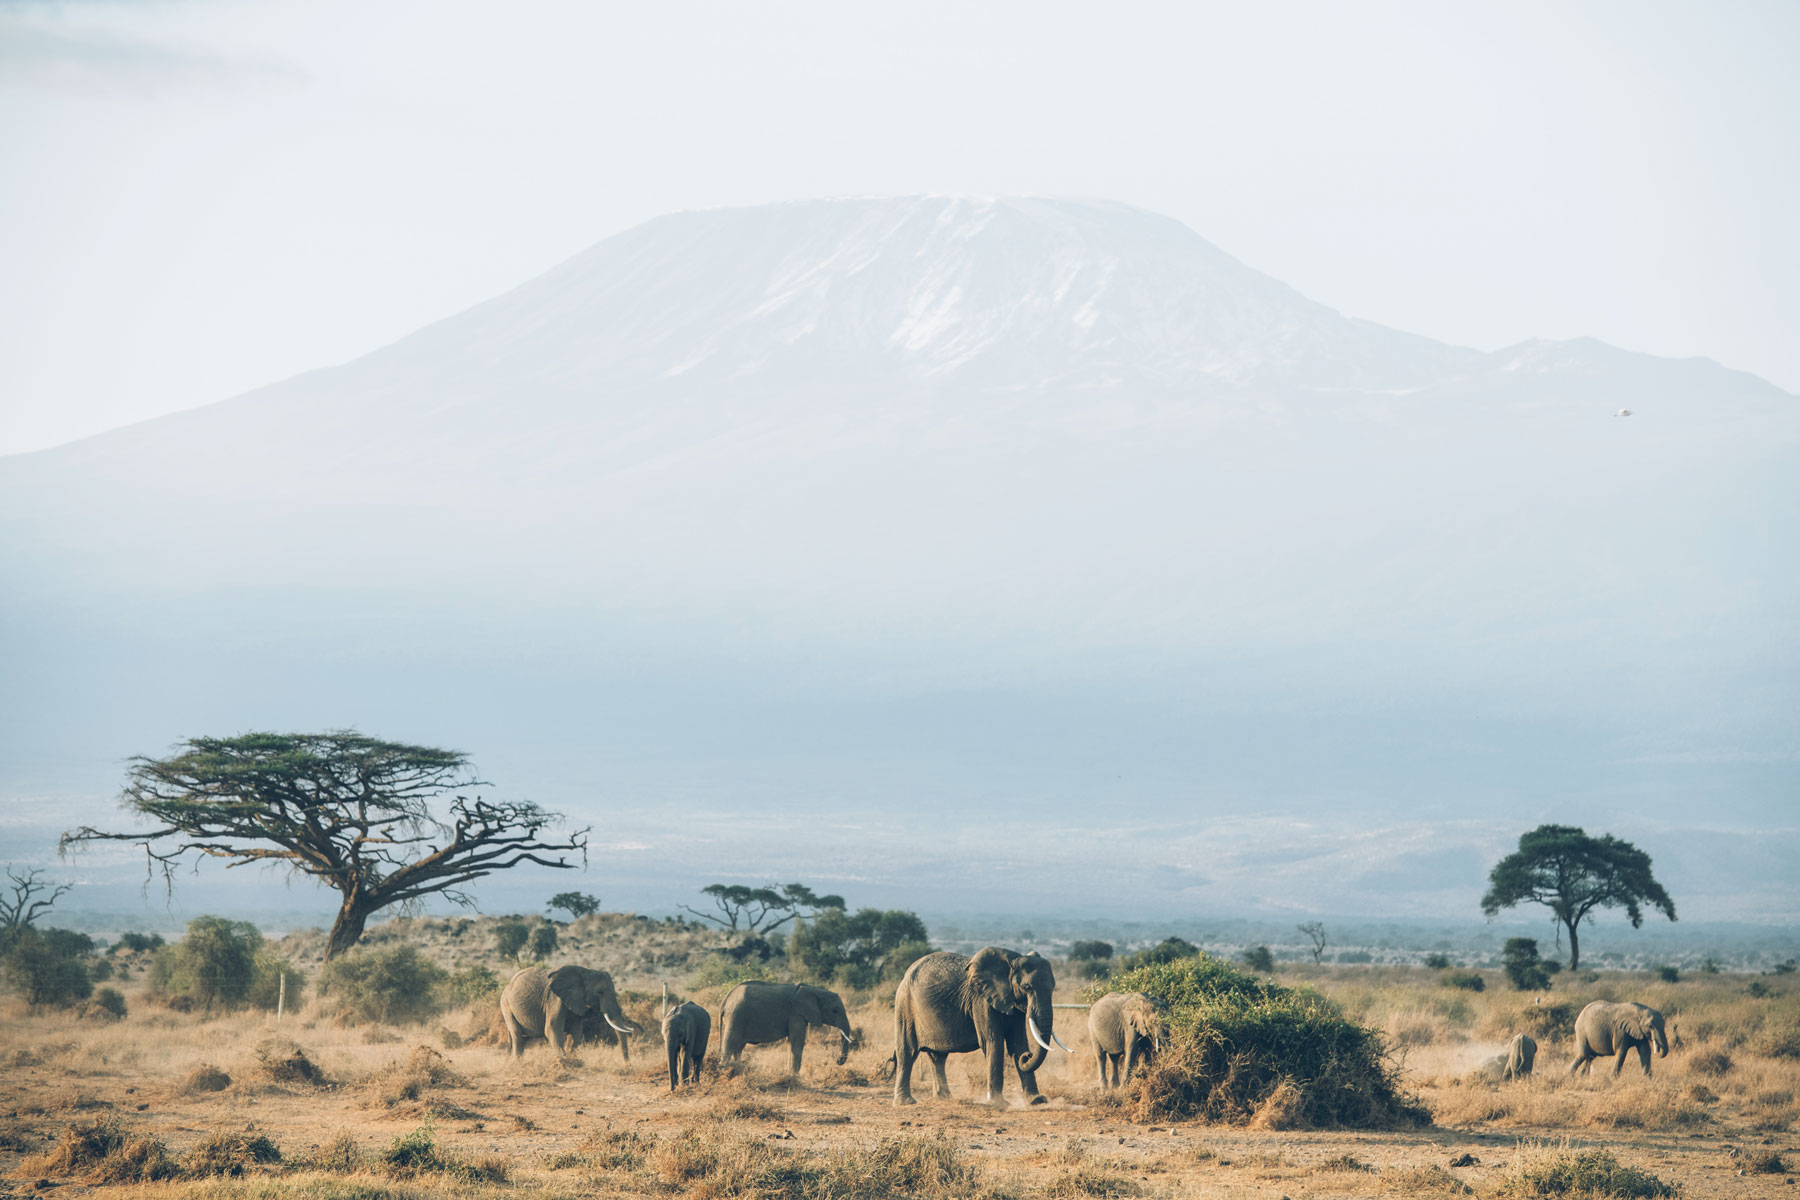 Eléphants devant le Kilimandjaro, Parc National Amboseli, Kenya